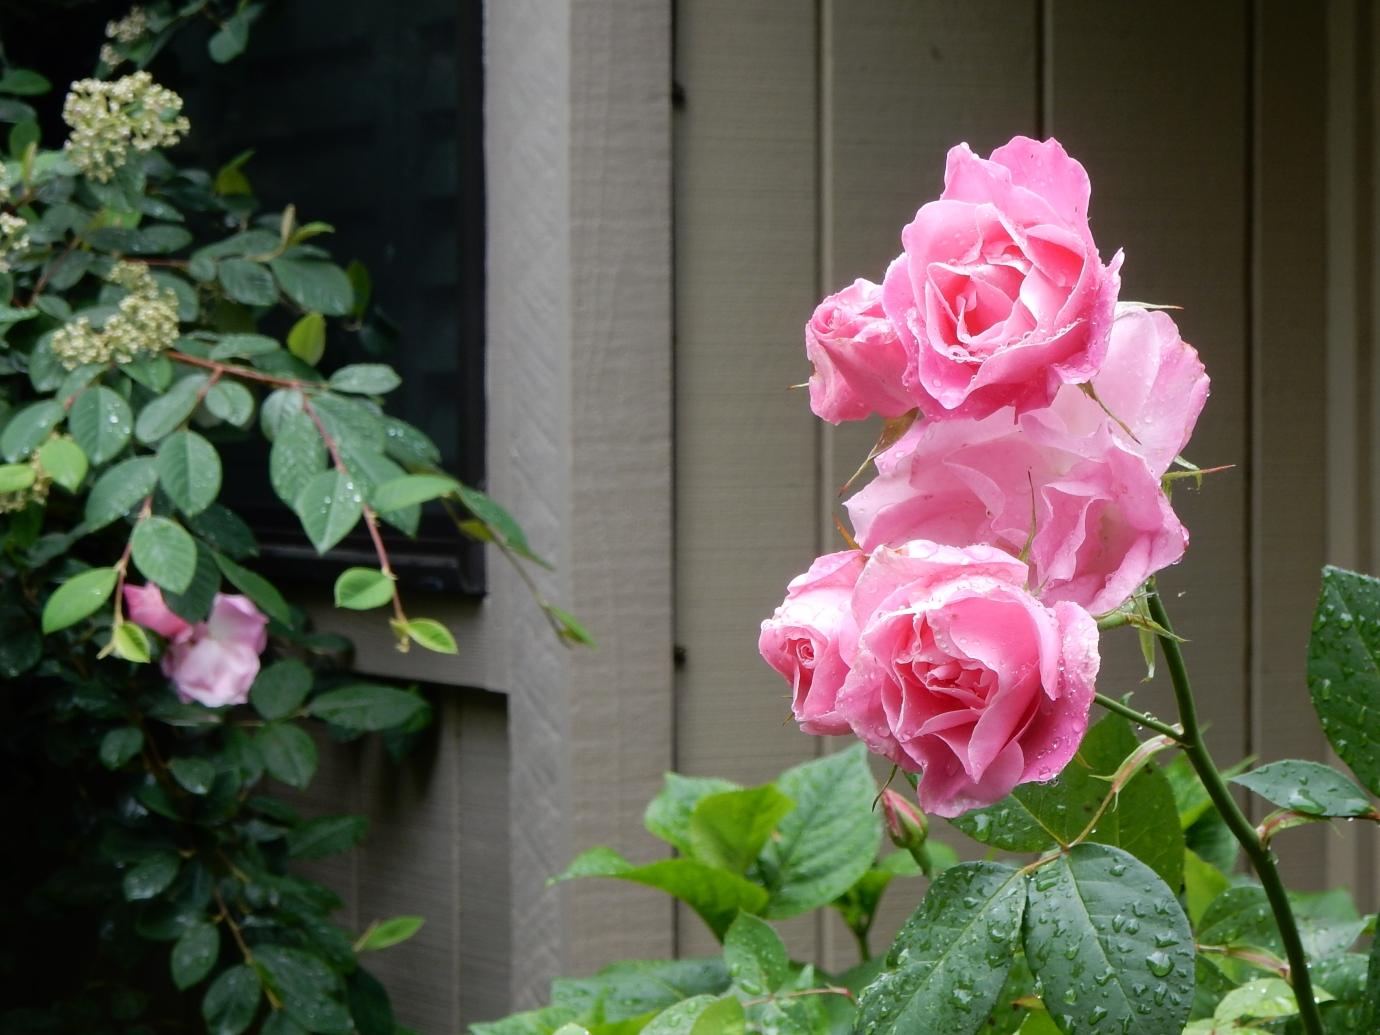 @ポートランド 5月には庭のバラが咲き誇る様子